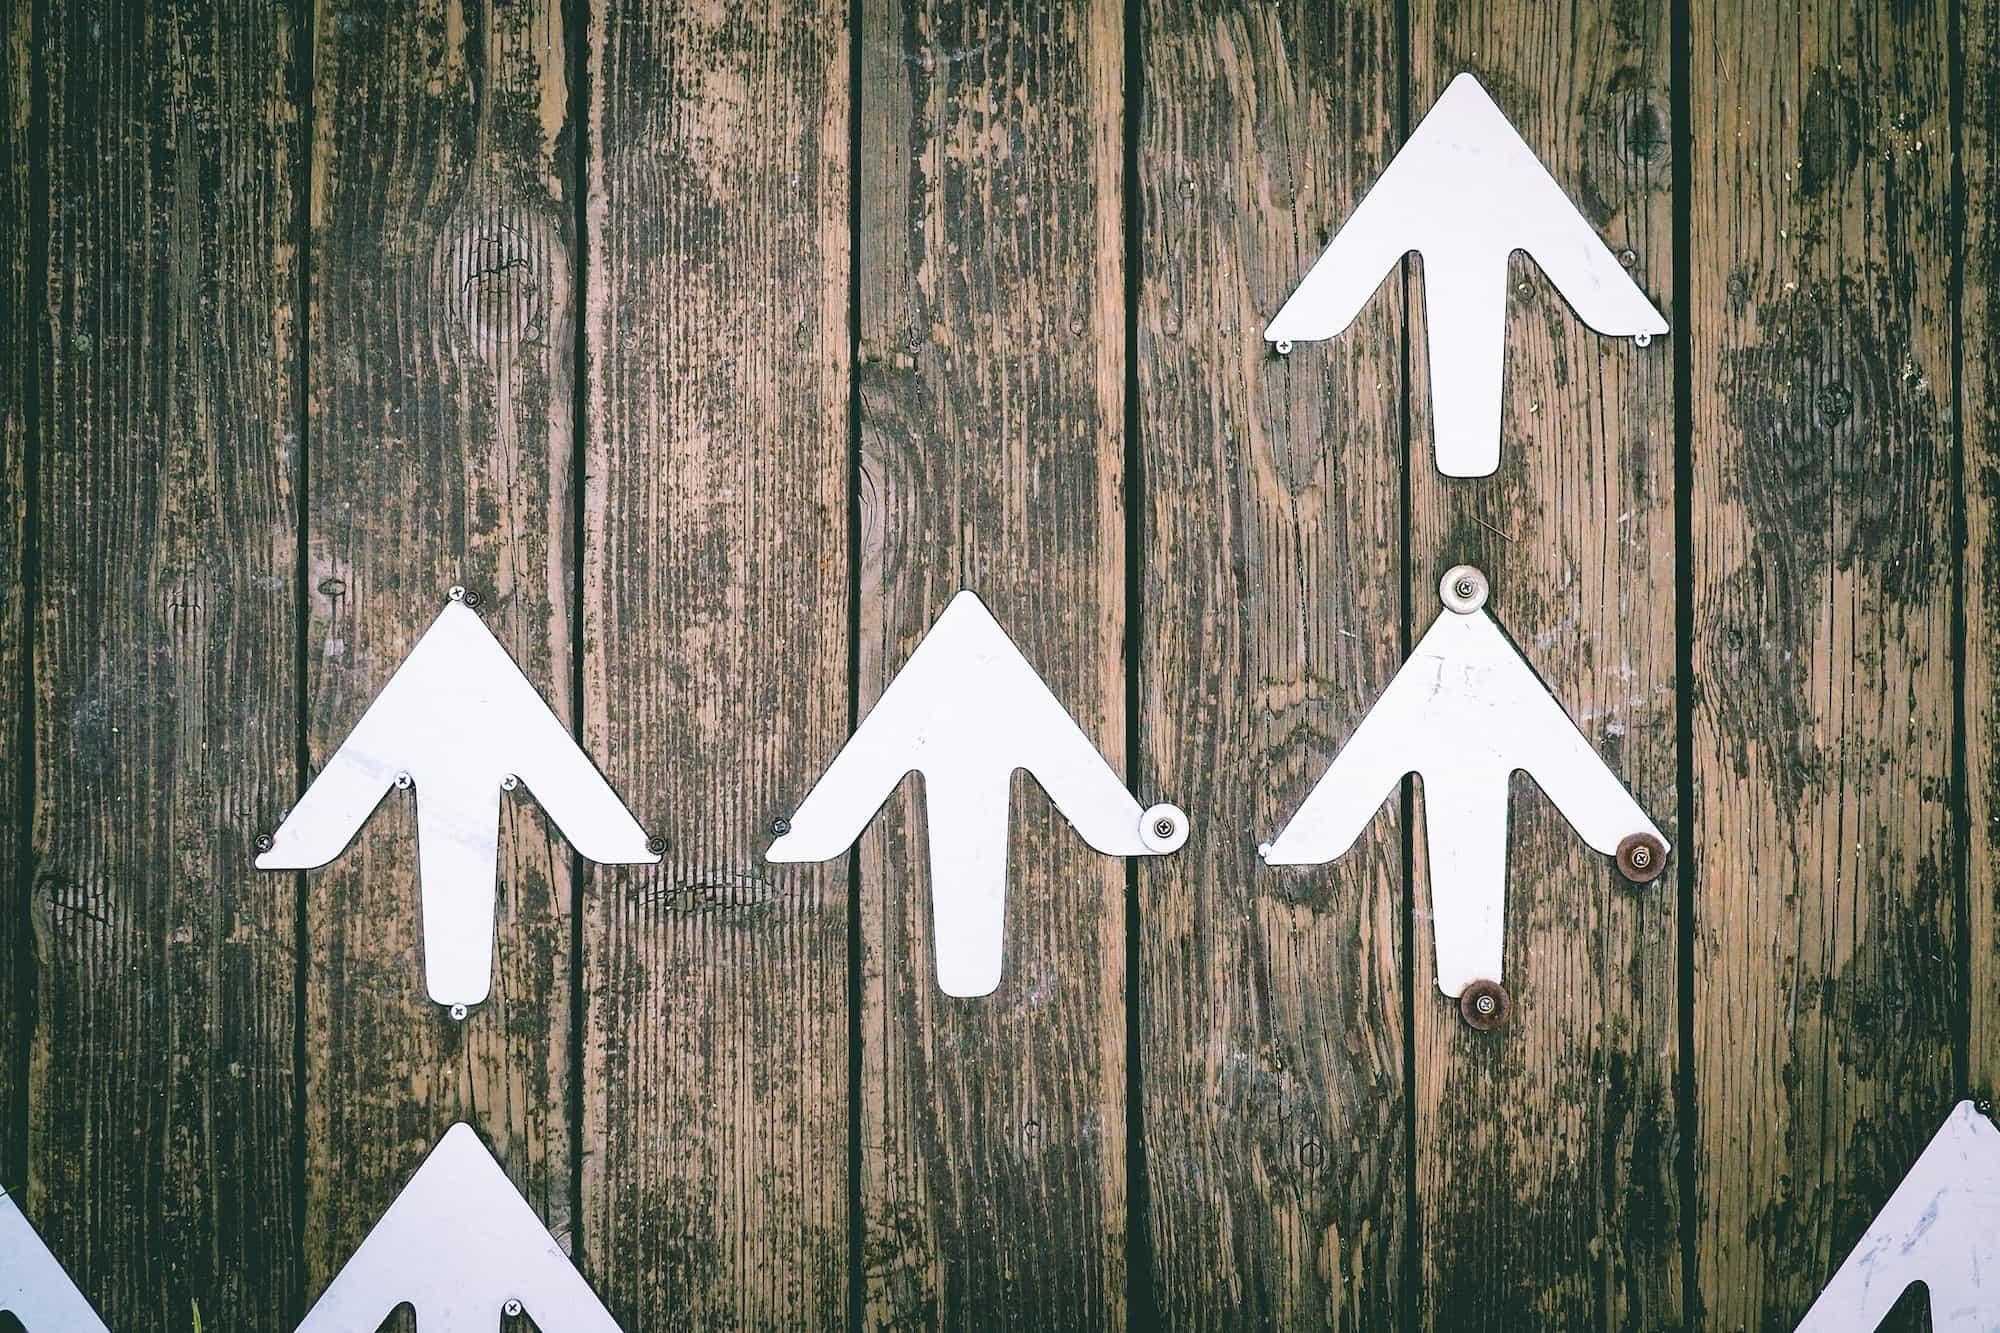 4 étapes clés pour bâtir un process commercial efficace